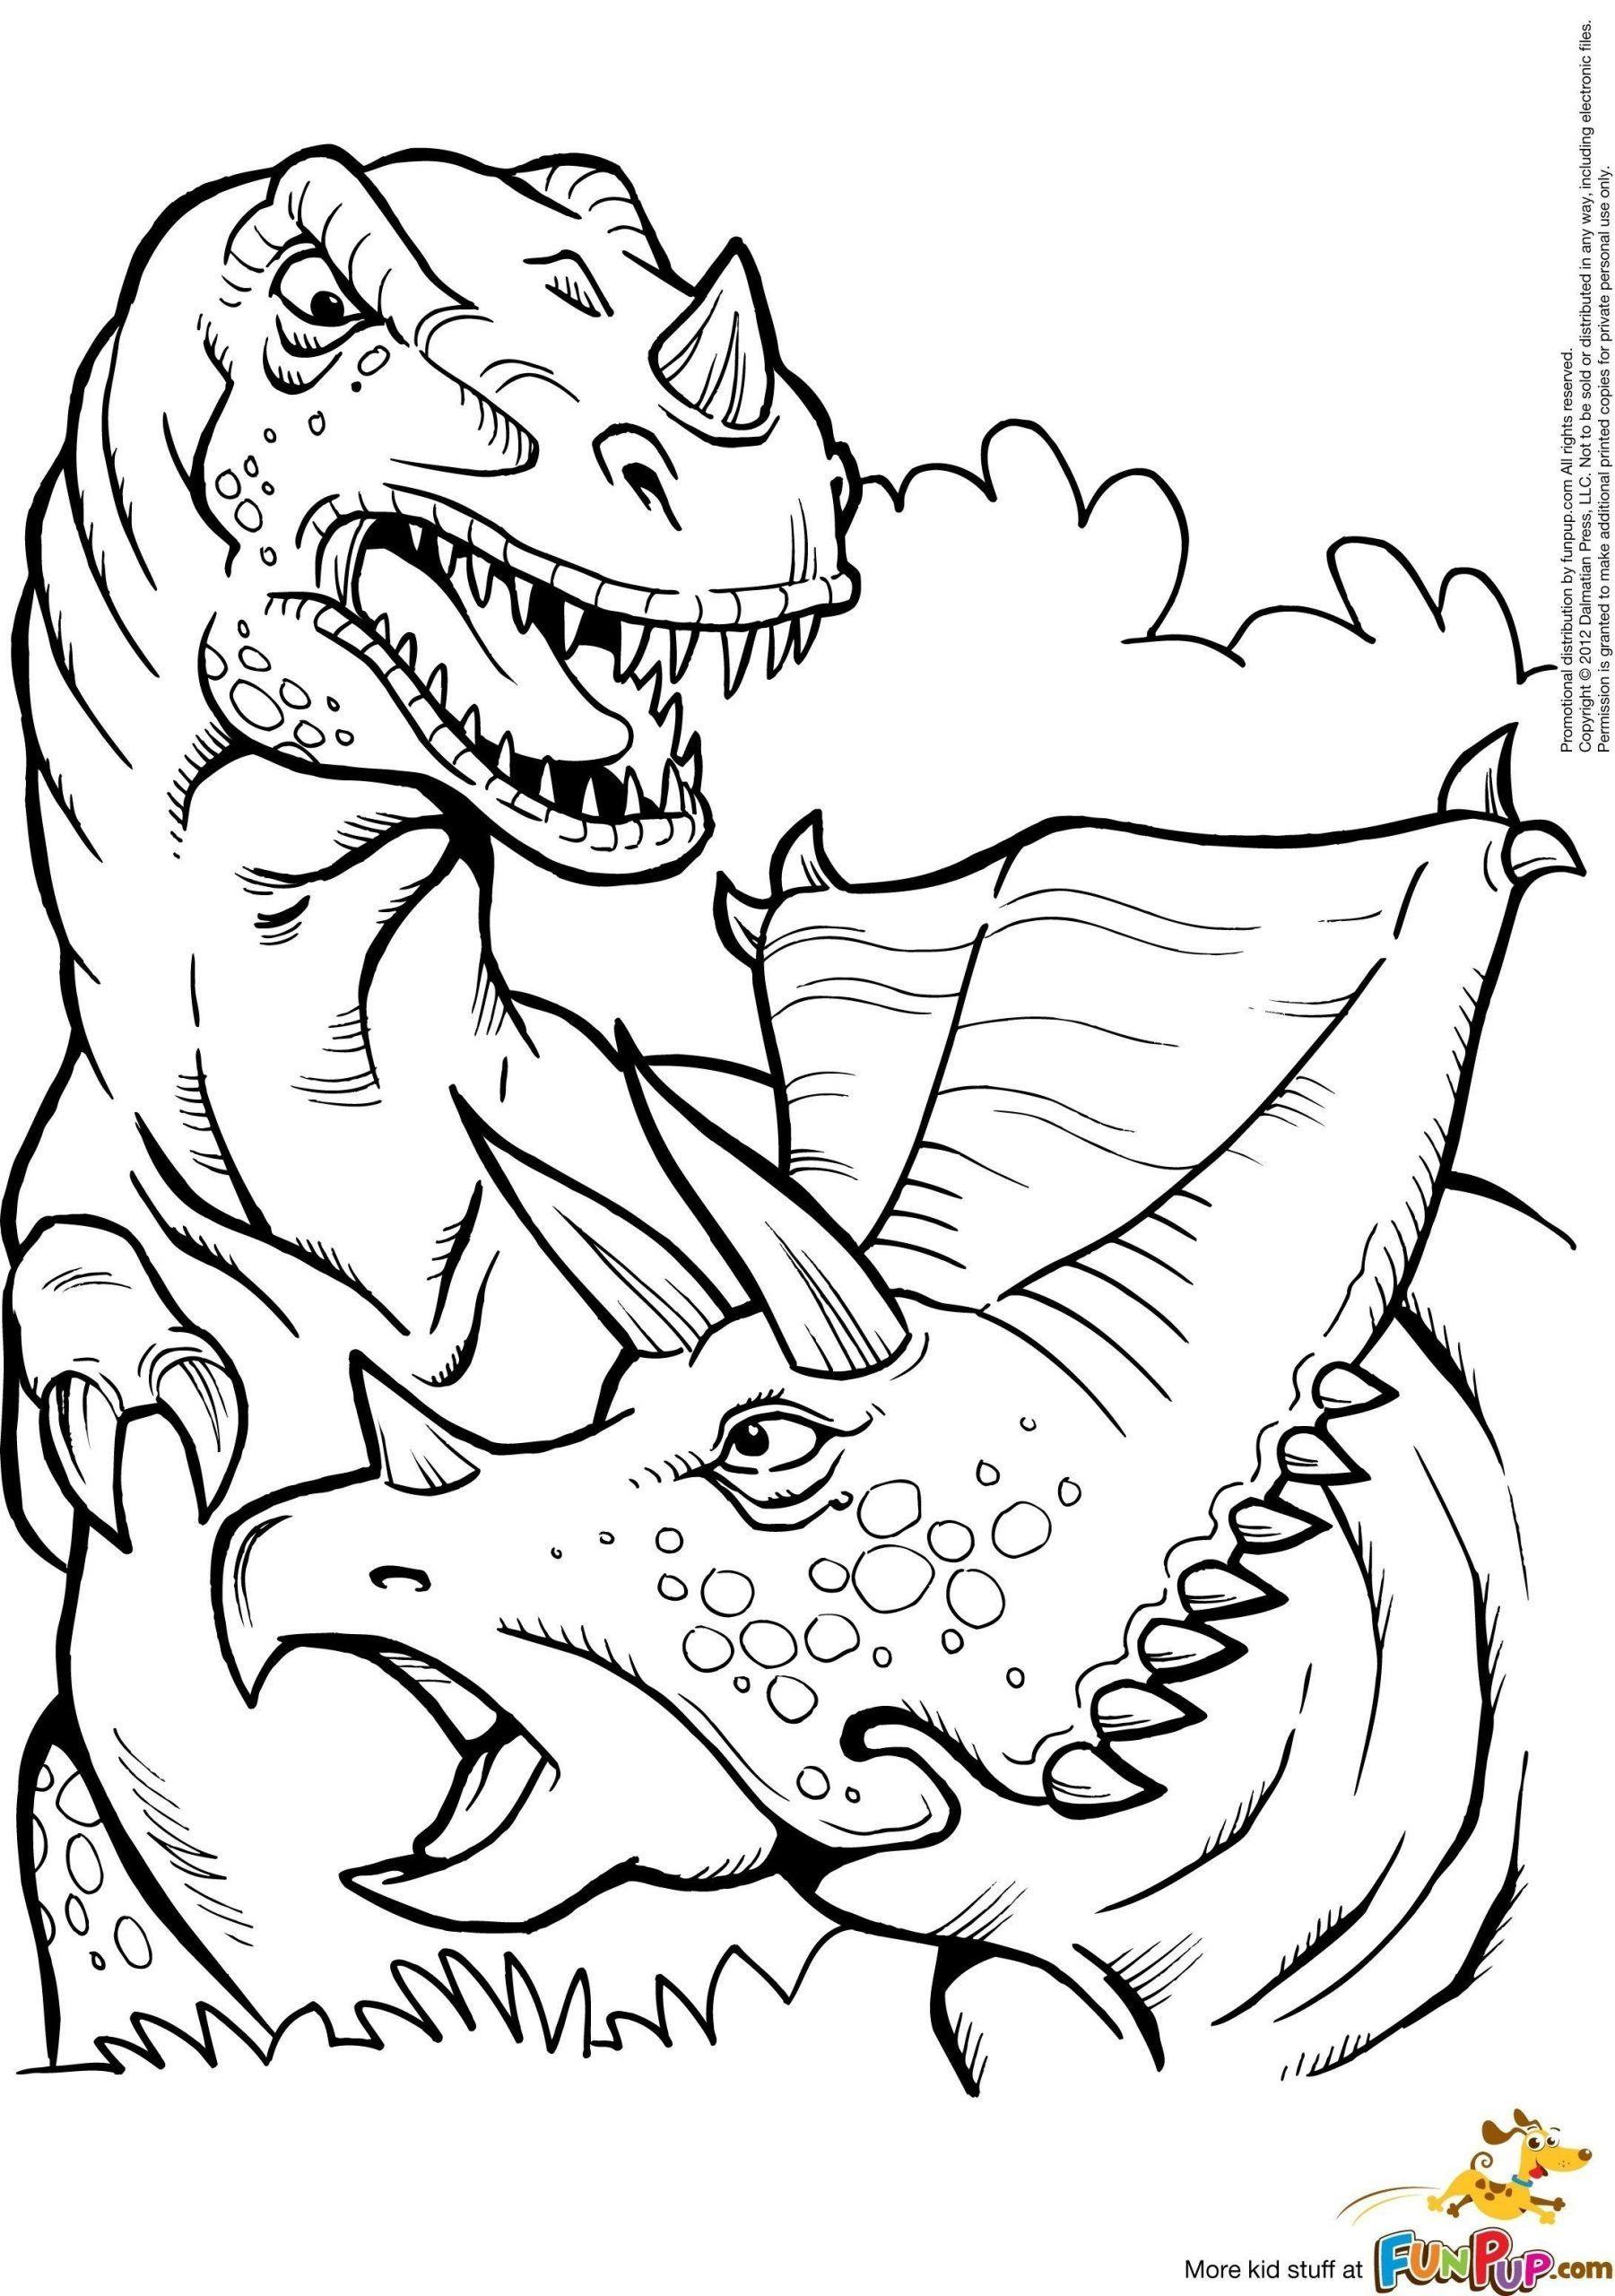 Malvorlagen T Rex Dino Ausmalbilder Dinosaurier Ausmalbilder Dinosaurier Zum Ausmalen